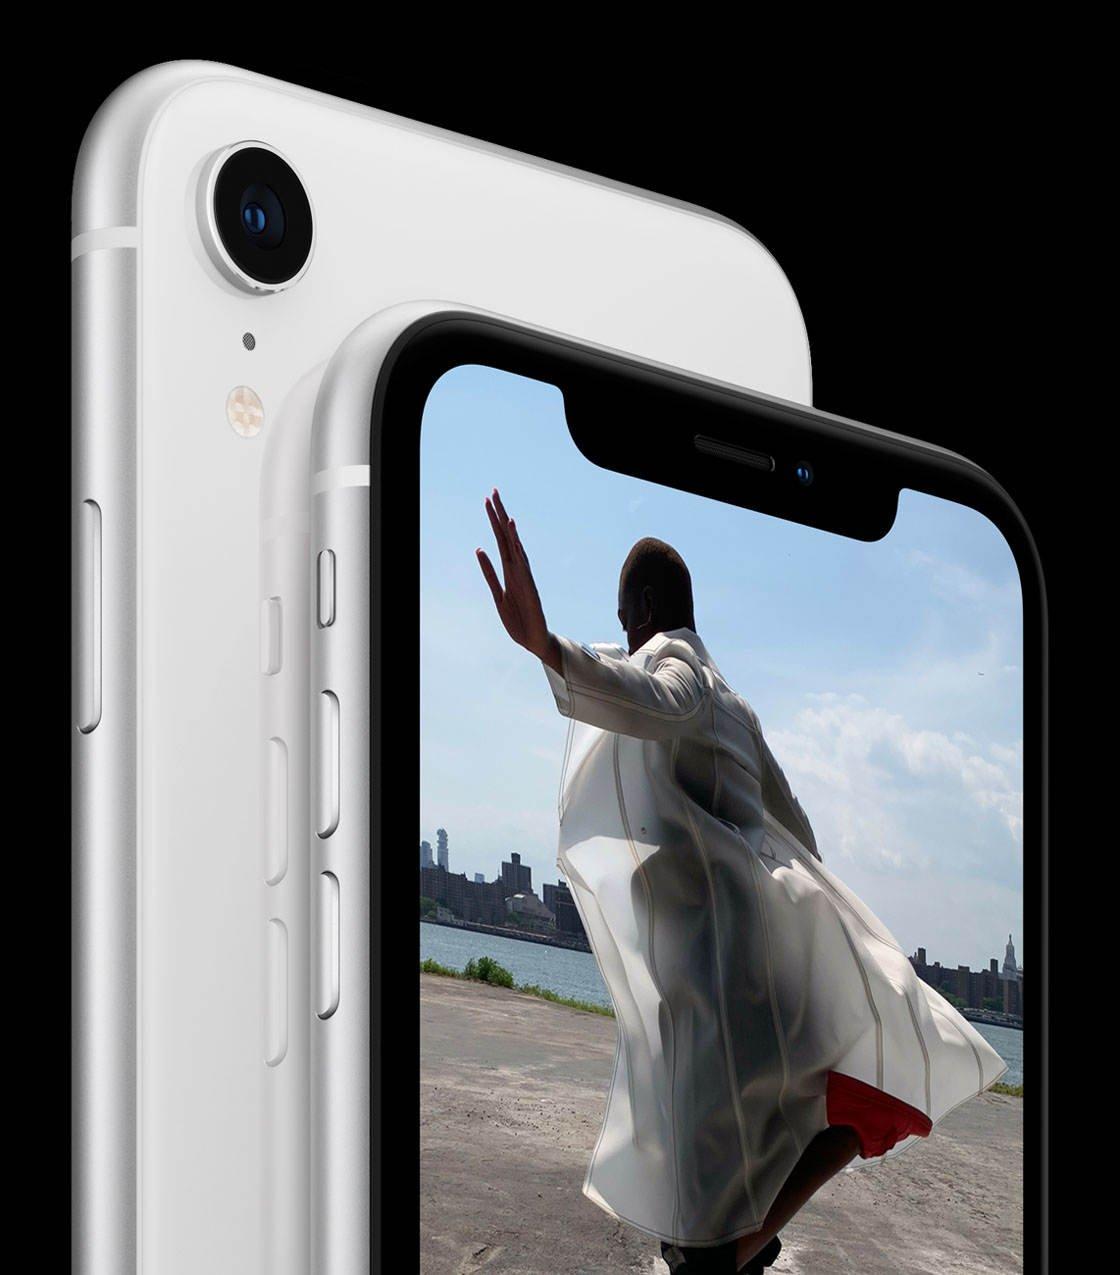 Iphone xr camera 5 no script